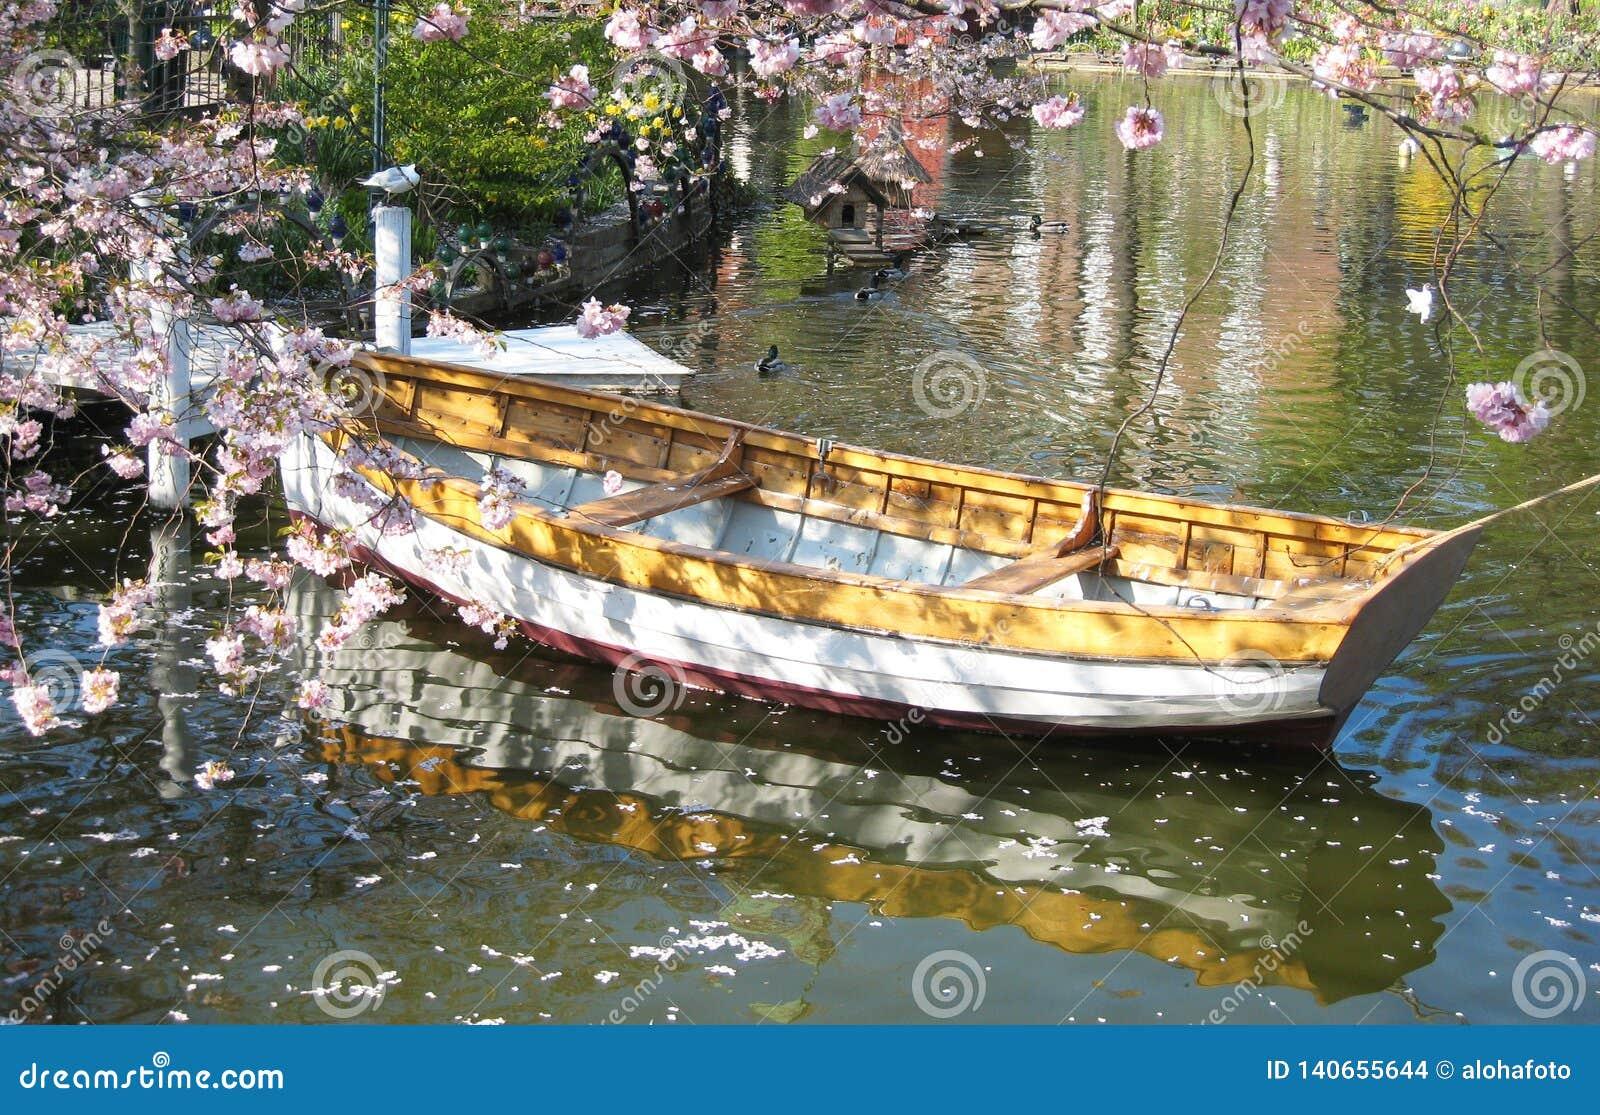 Η ρομαντική άποψη μιας ξύλινης βάρκας στην Κοπεγχάγη στη Δανία που περιβάλλεται θαλασσίως †‹â€ ‹ανθίζει σε μια μικρή λίμνη